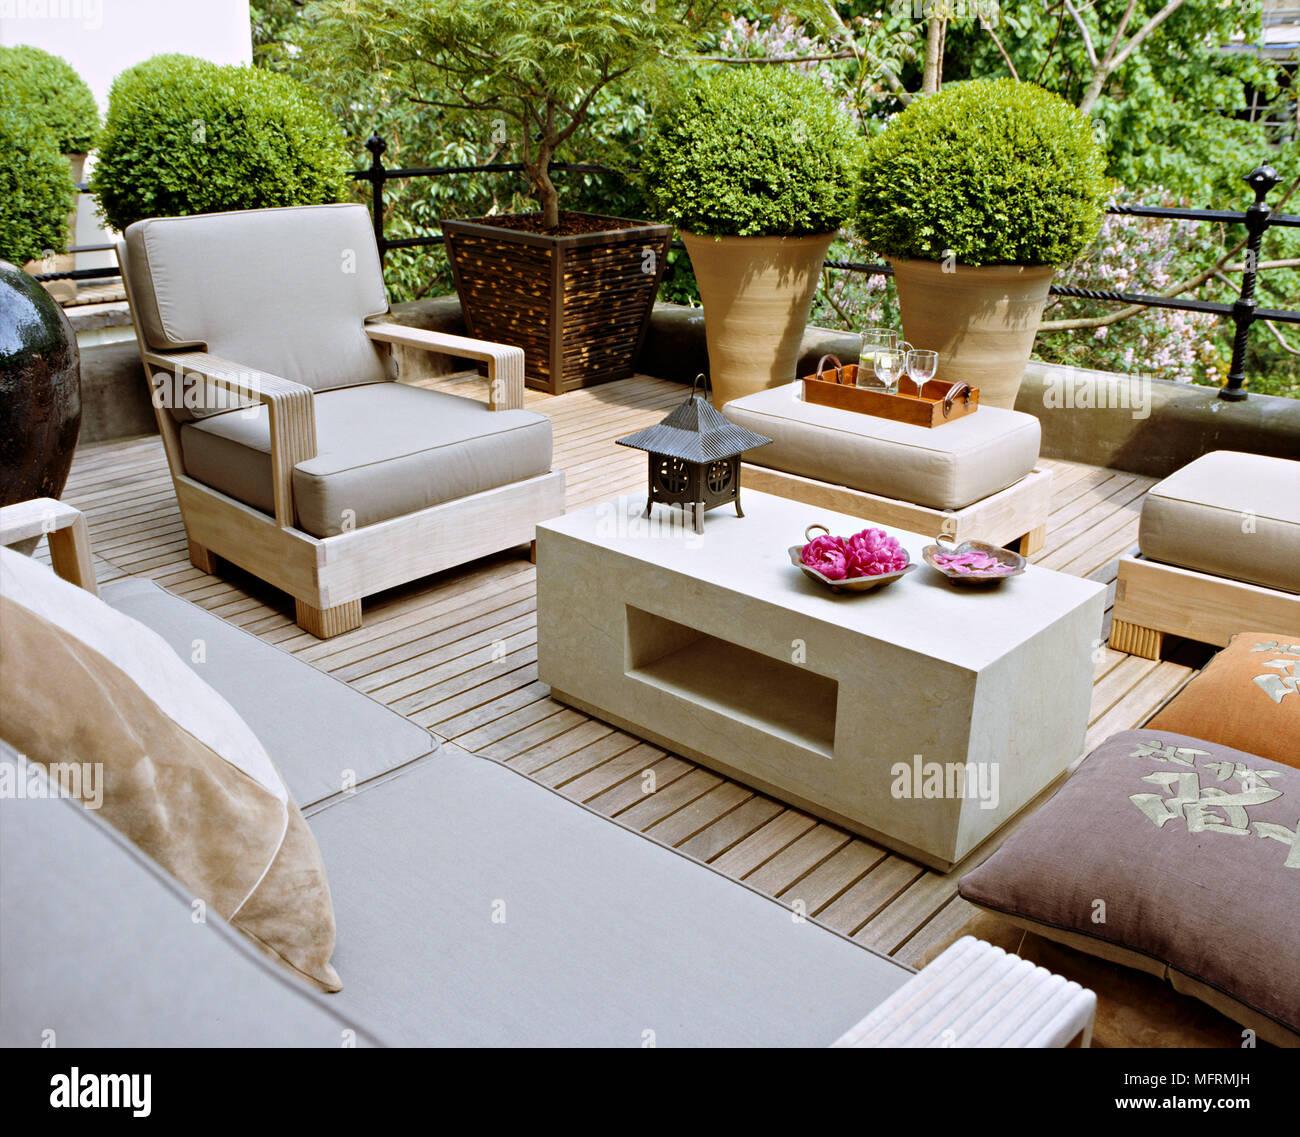 Una Moderna Ciudad Jardín Terraza Con Patio Decorado Mesa Y